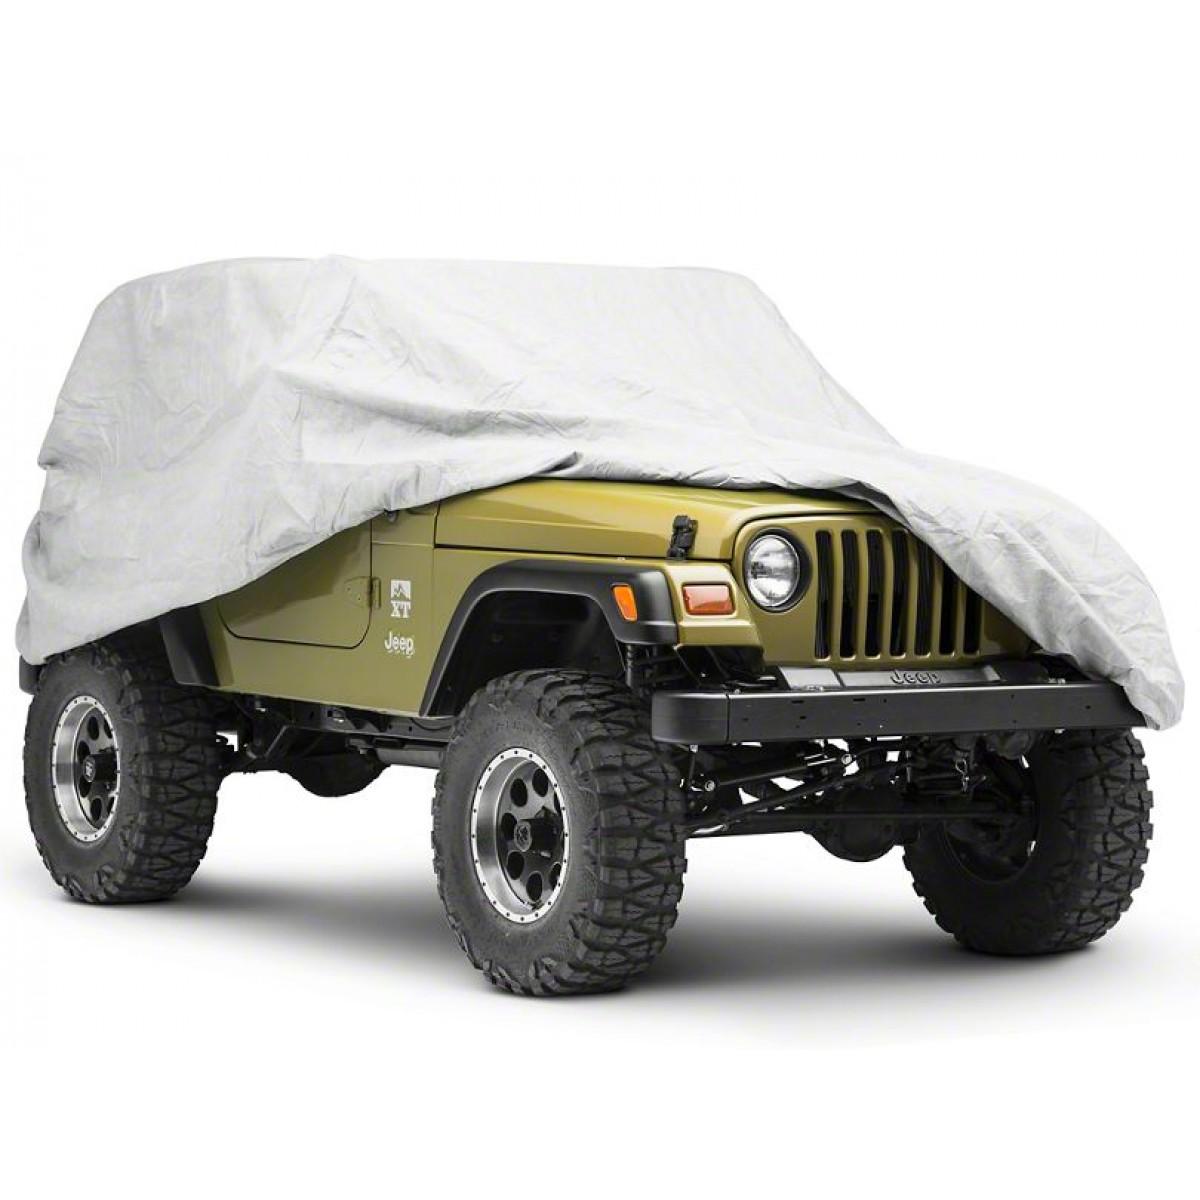 Αδιάβροχη κουκούλα αυτοκινήτου - XXL - 1252 35684